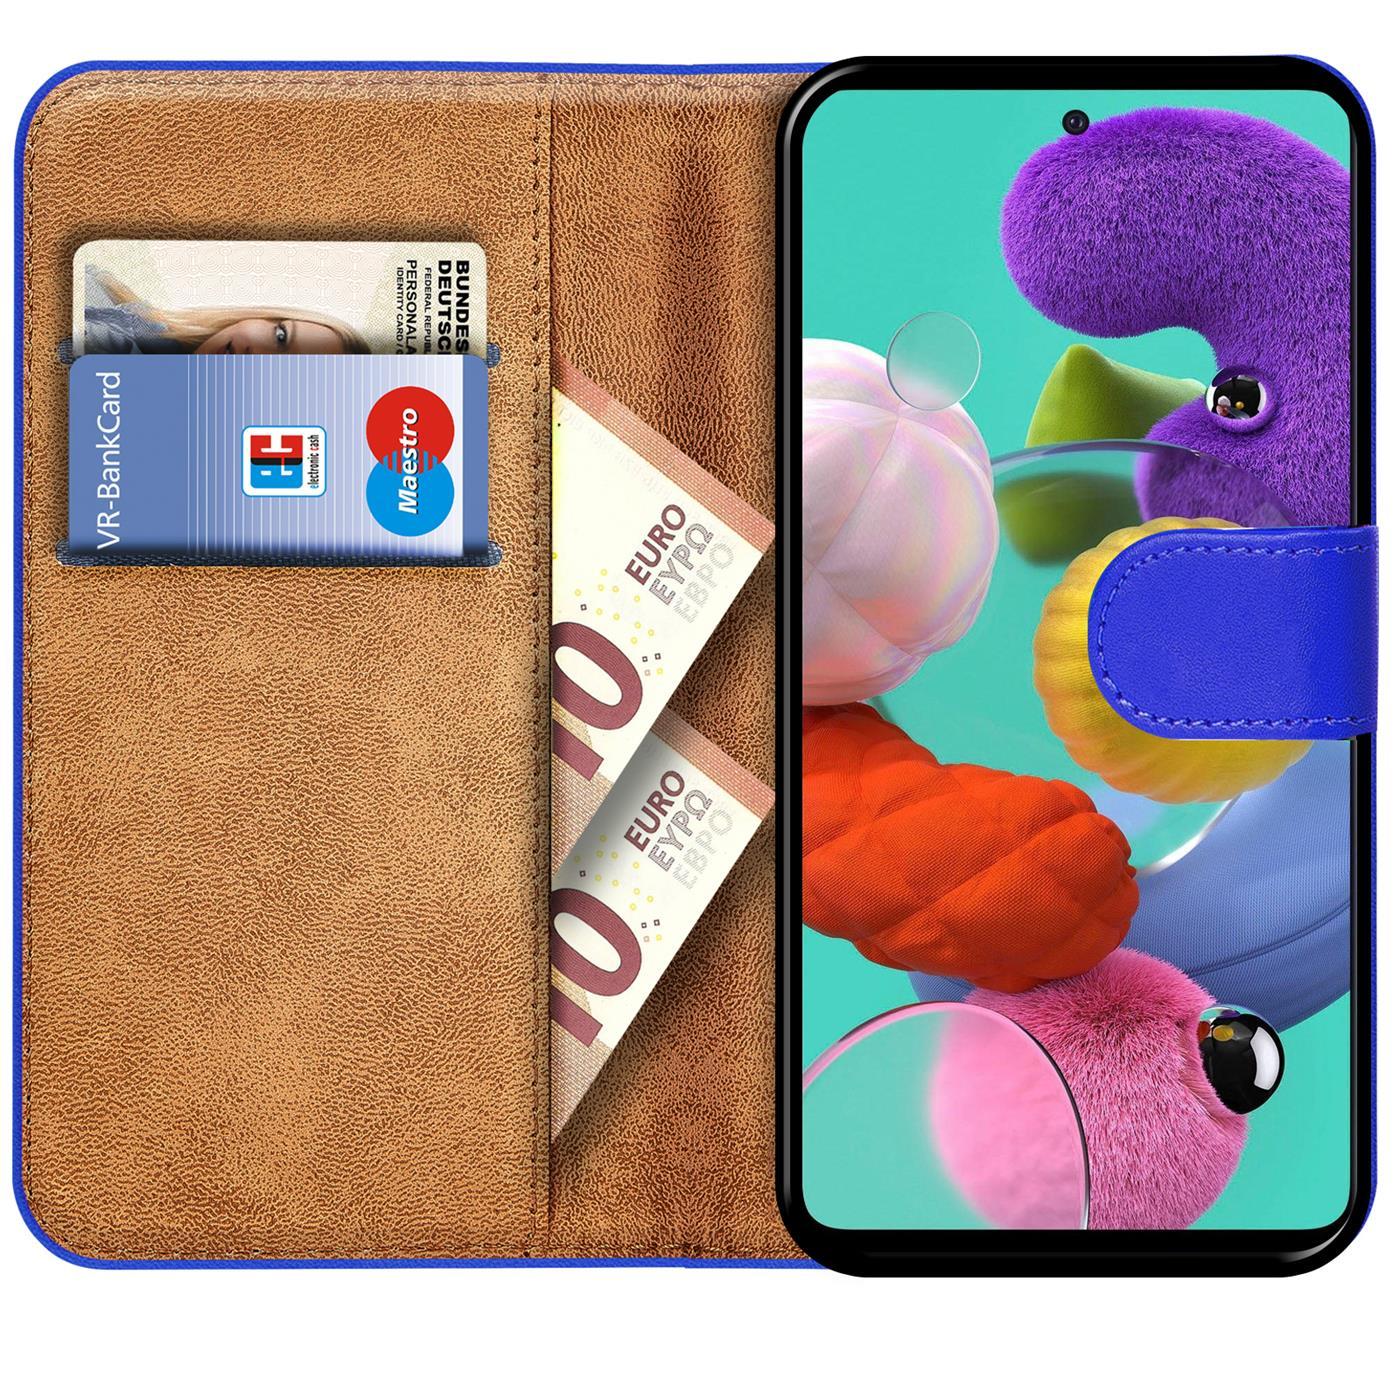 Book-Case-fuer-Samsung-Galaxy-A51-Huelle-Tasche-Flip-Cover-Handy-Schutz-Huelle Indexbild 9